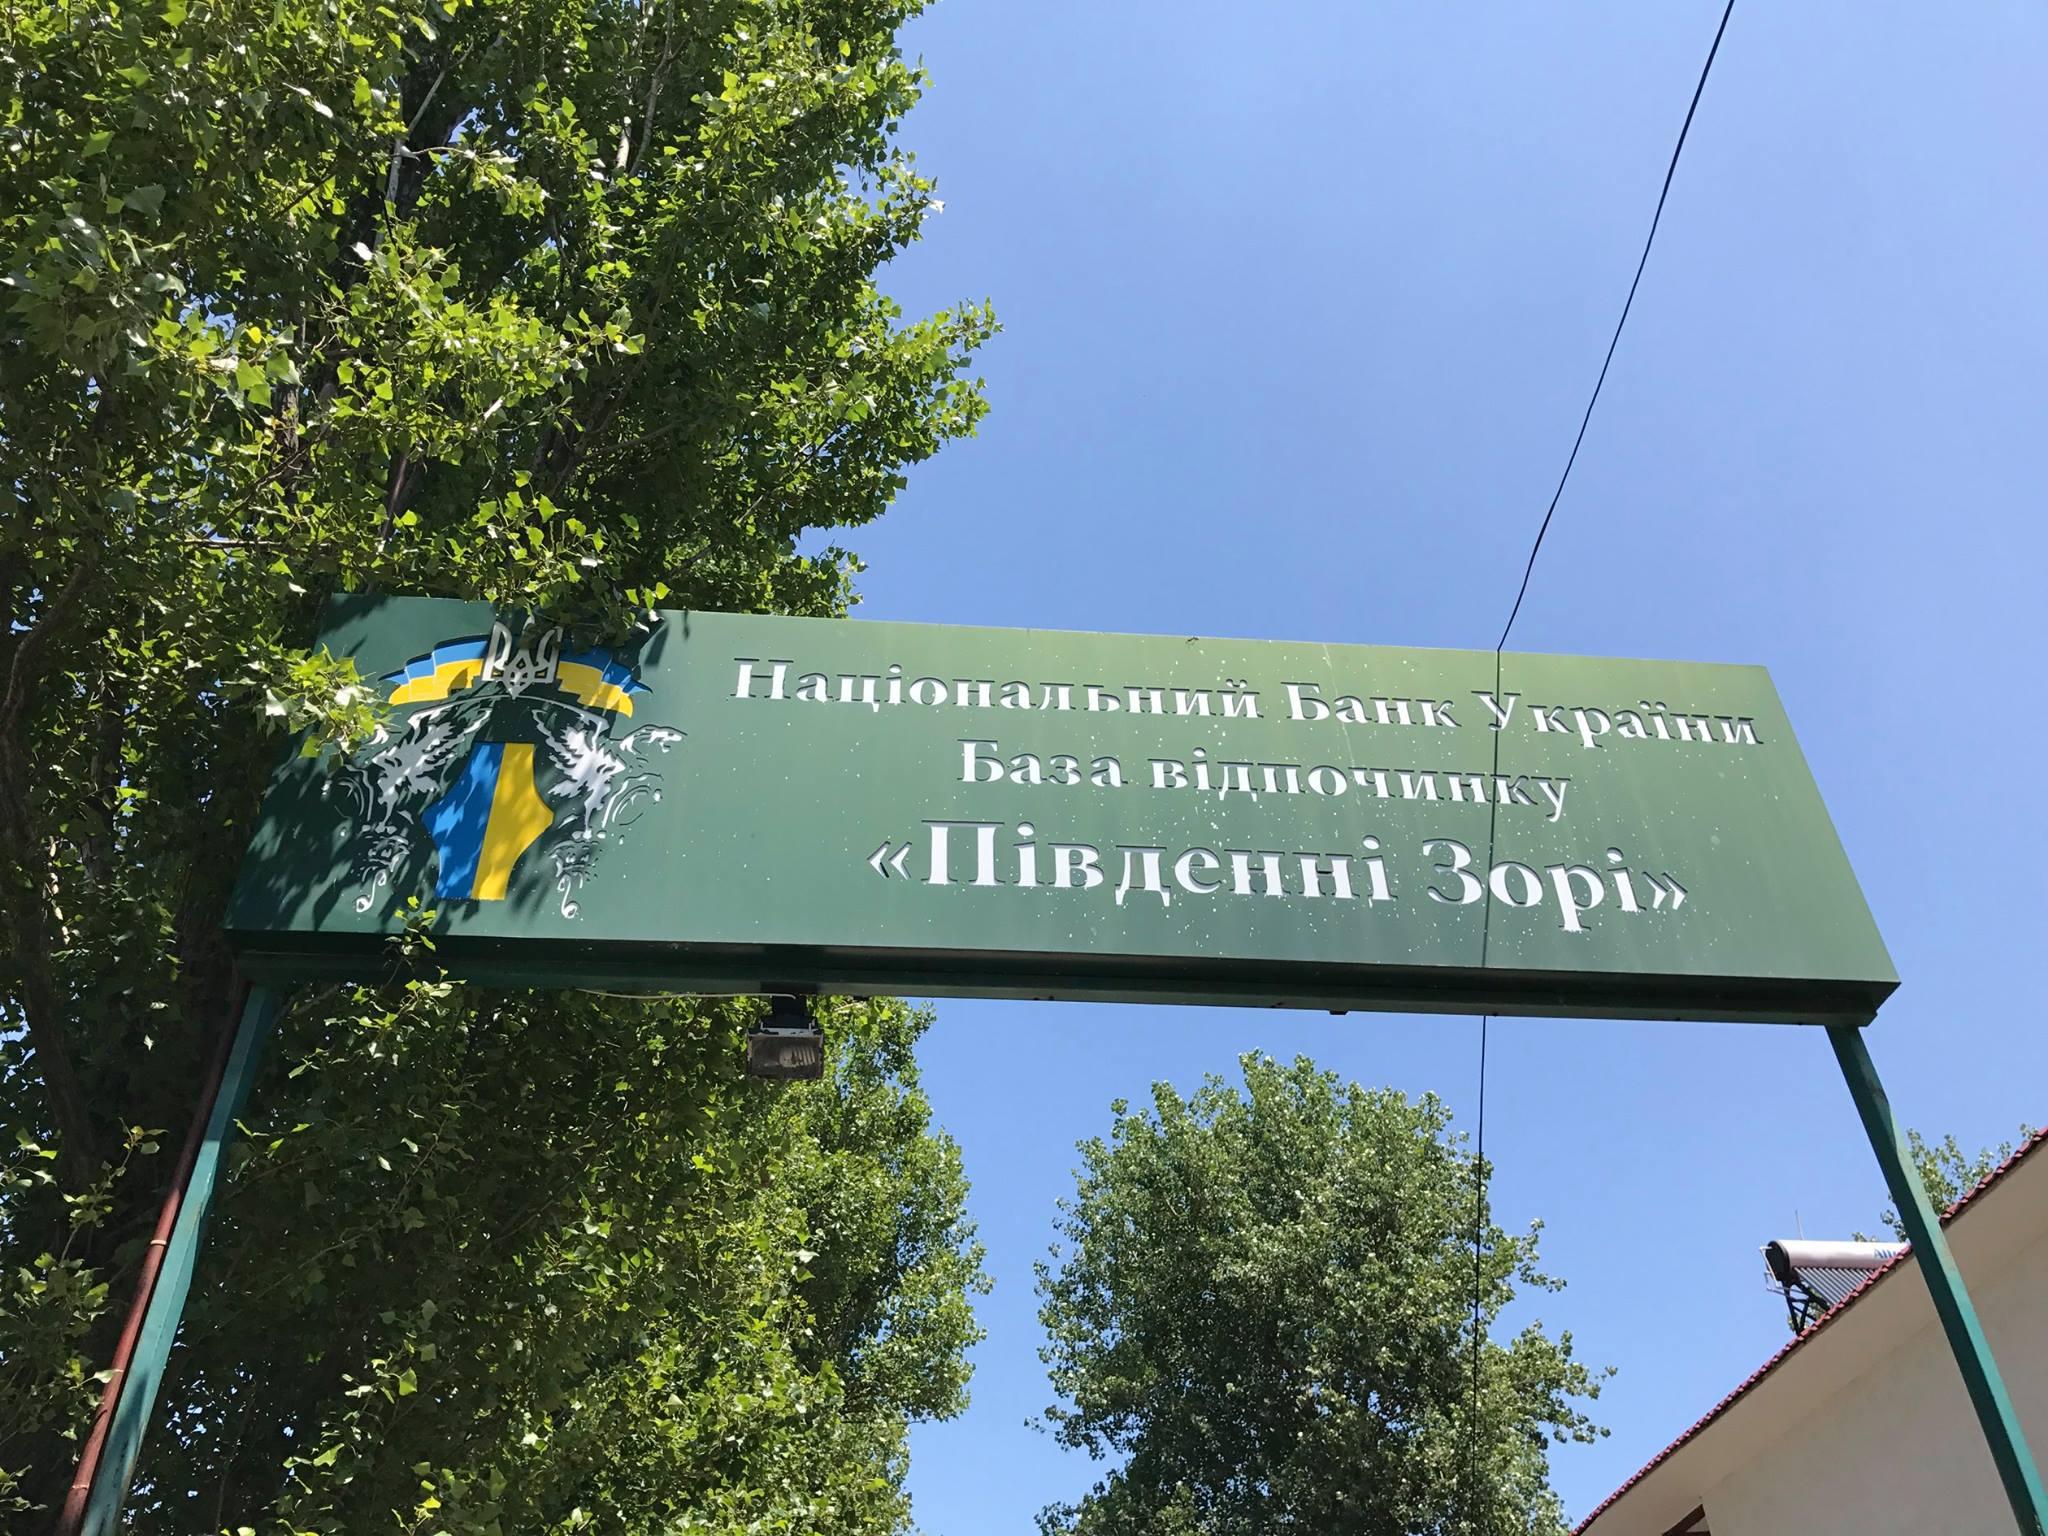 Національний банк України передав на баланс Міністерства оборони базу відпочинку в Затоці